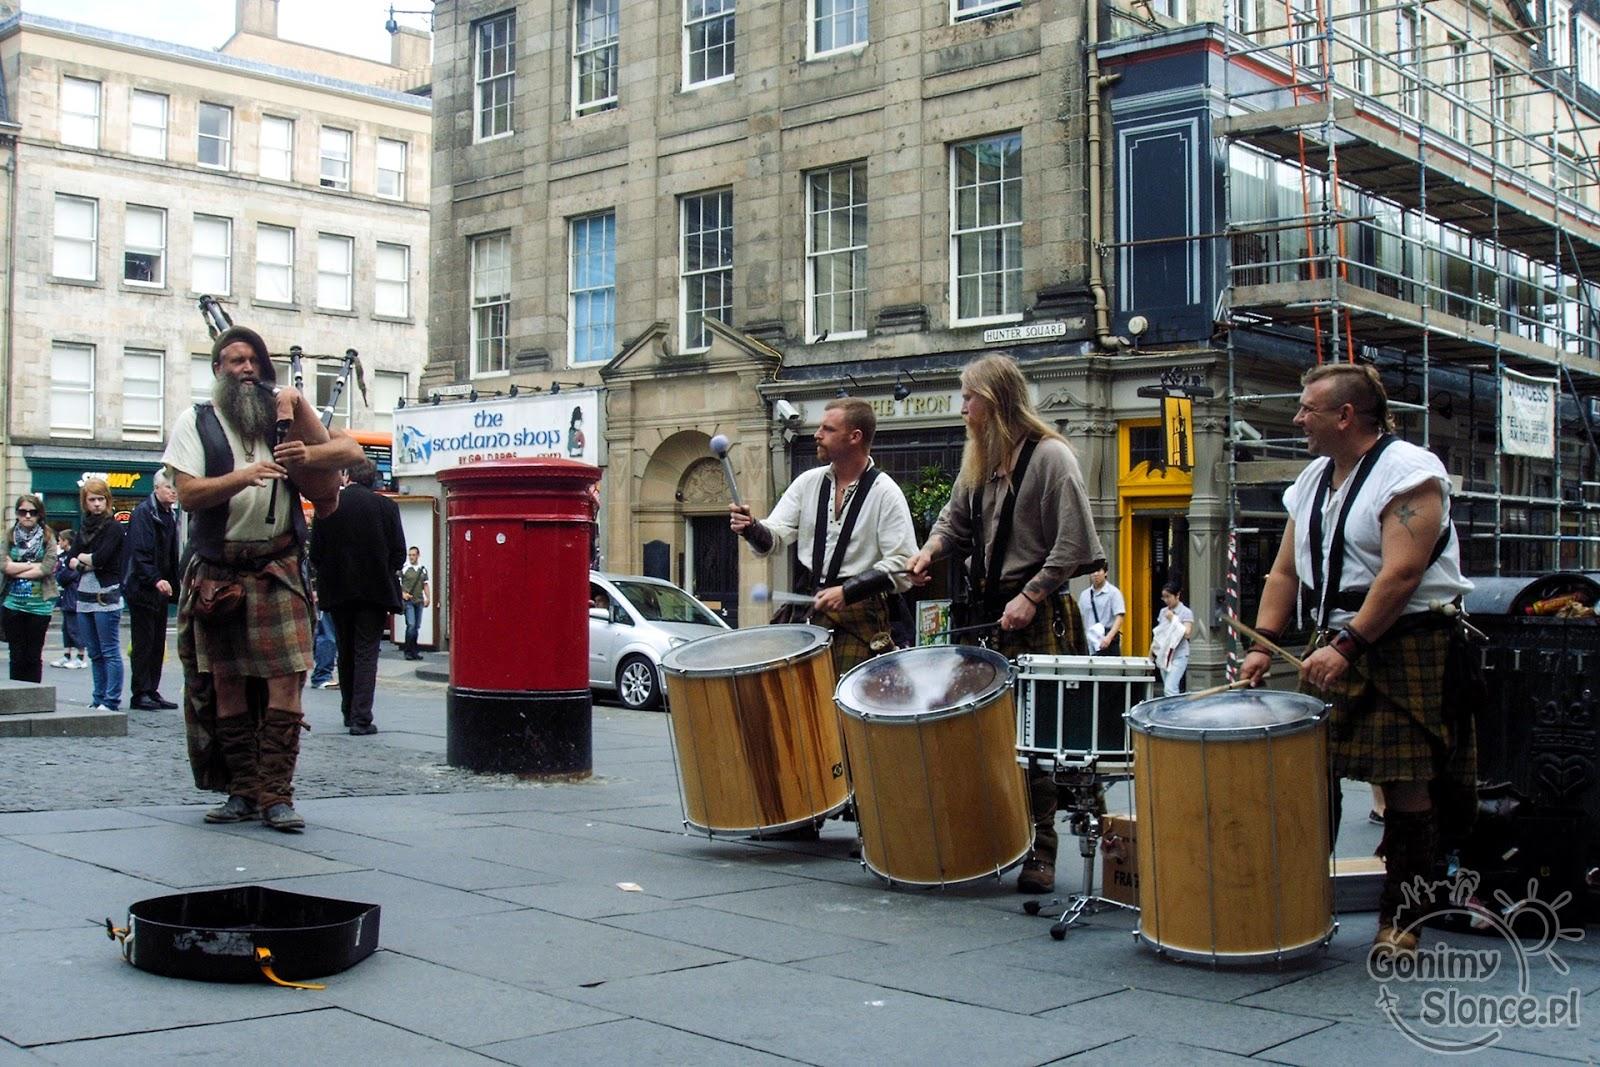 Szkocka muzyka ludowa na ulicach Edynburga